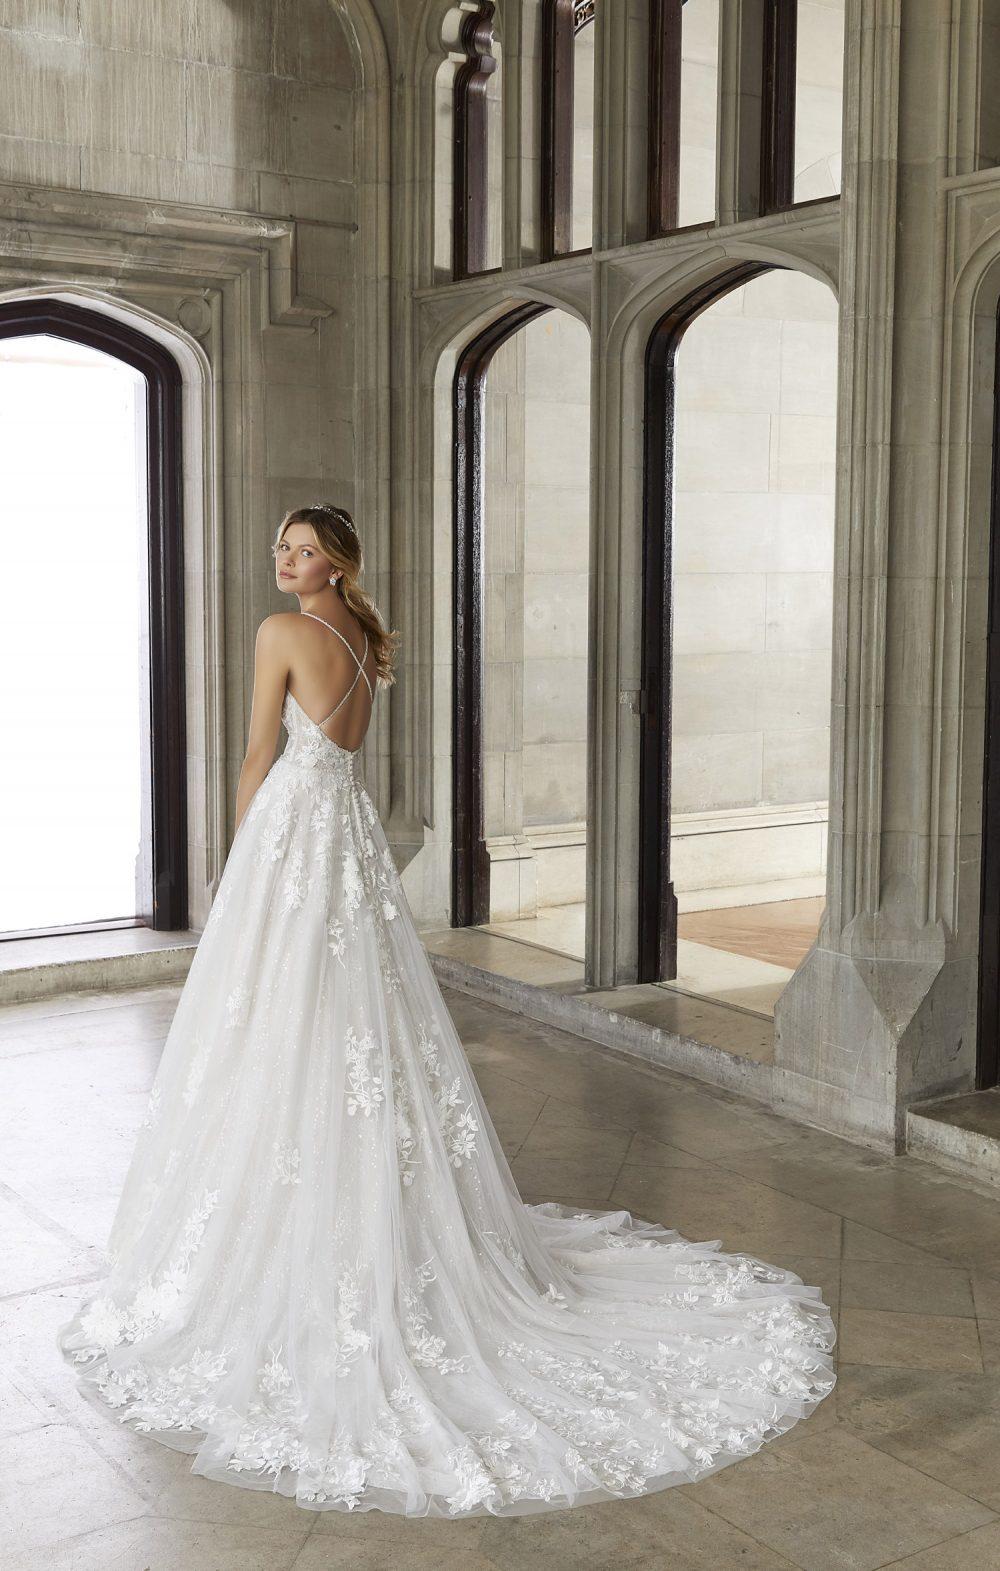 Mariages: abito da sposa morilee 2021 a Vicenza, Verona, Padova, Veneto 2127-0135